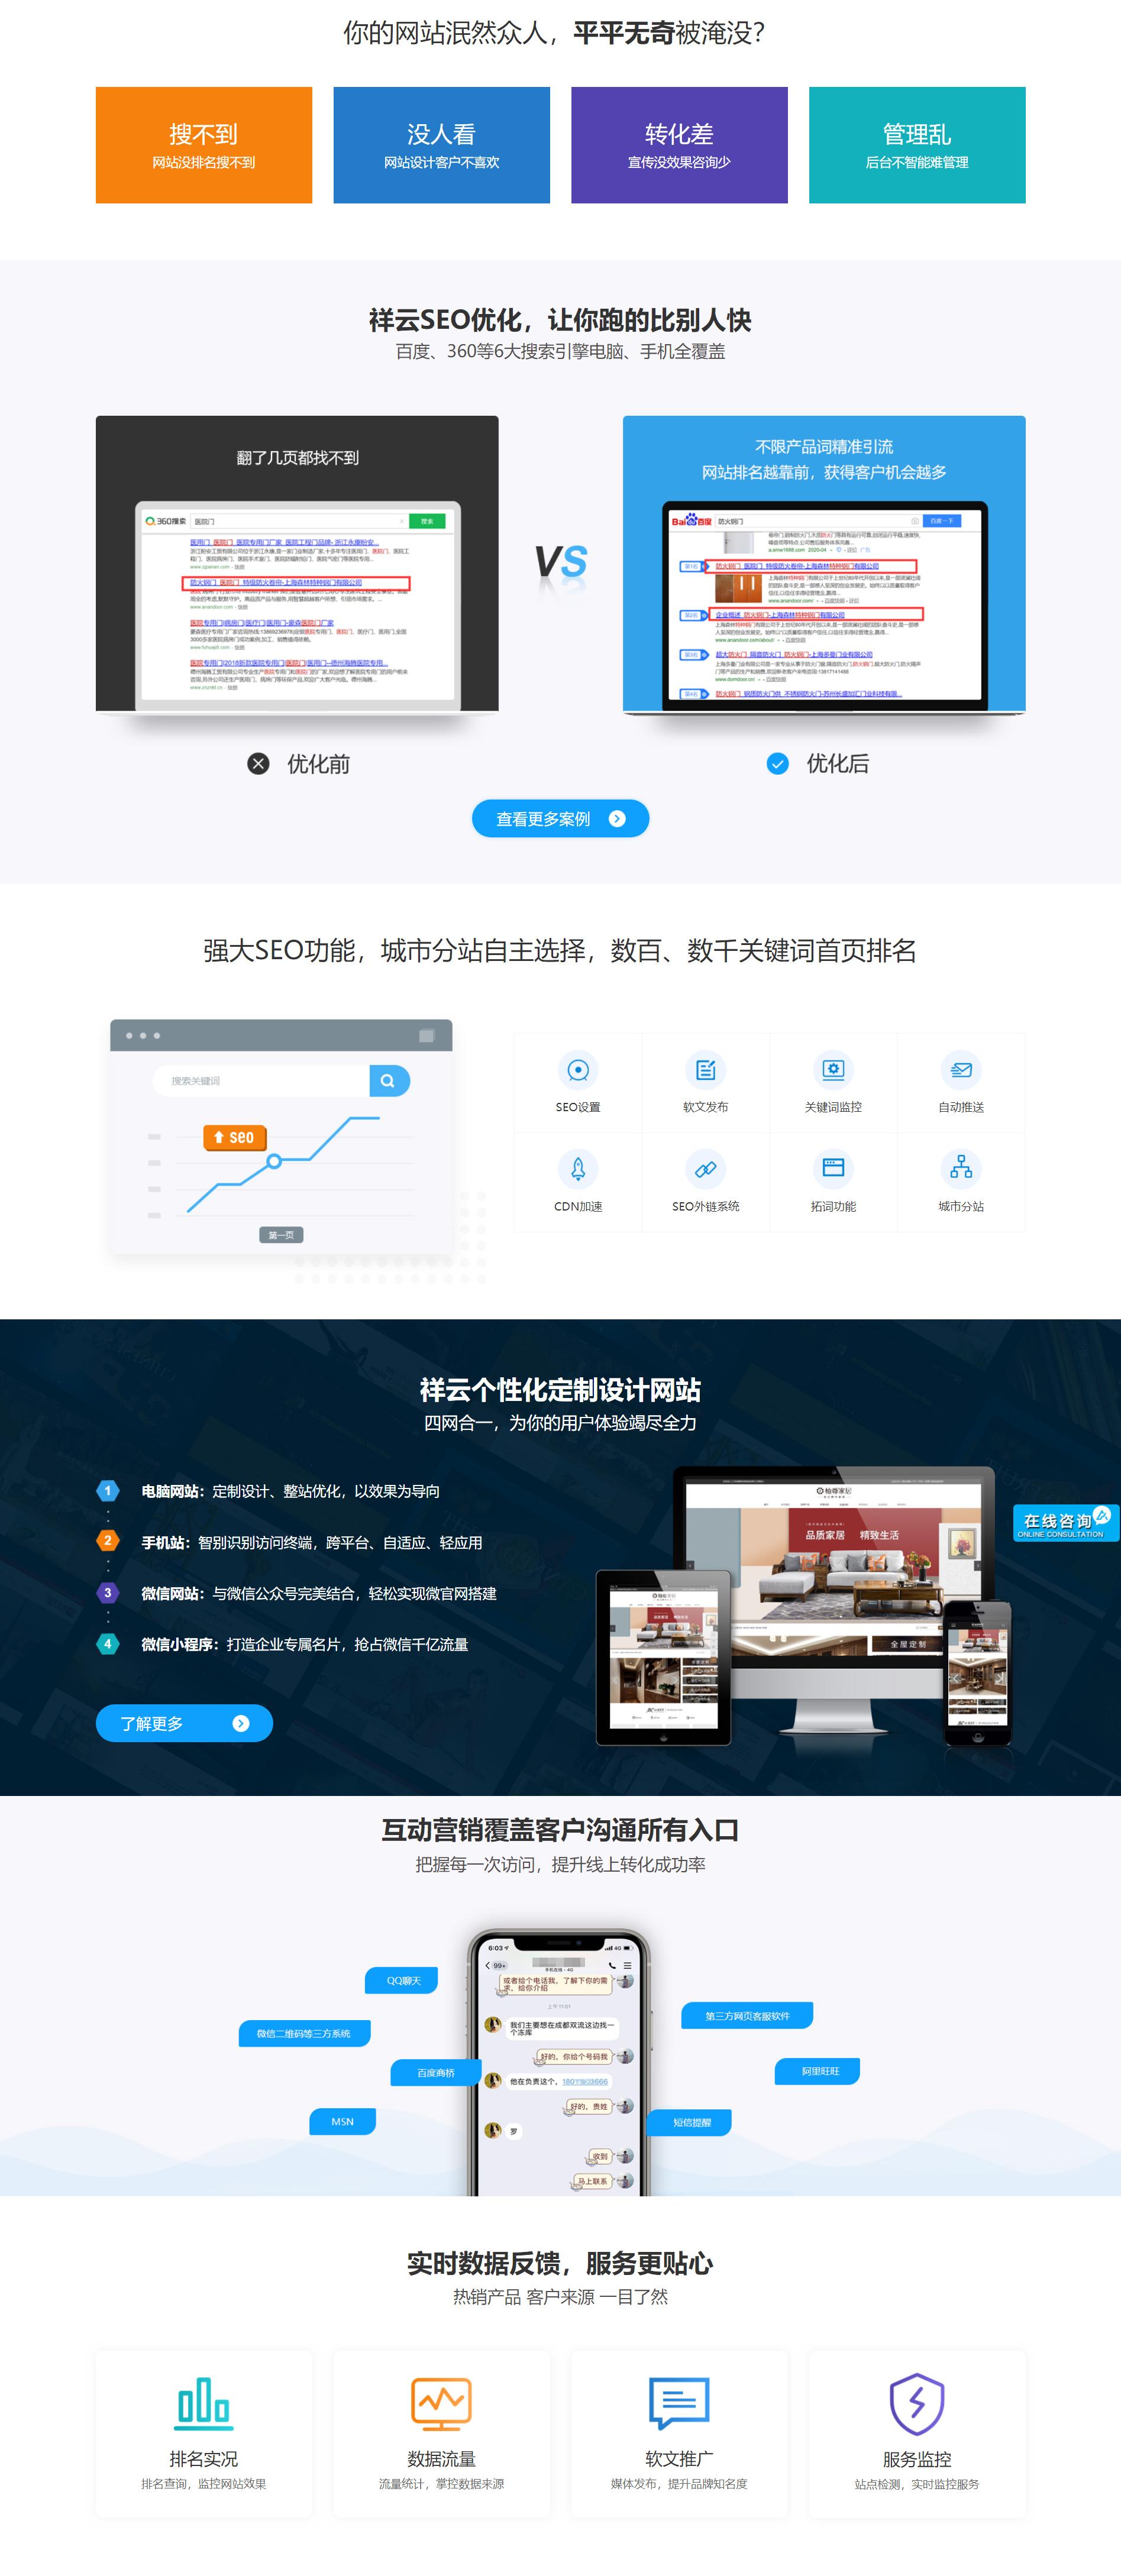 內蒙古網站建設|包頭網頁設計|網站開發|官網搭建|祥云平臺-艾尚網電子商務